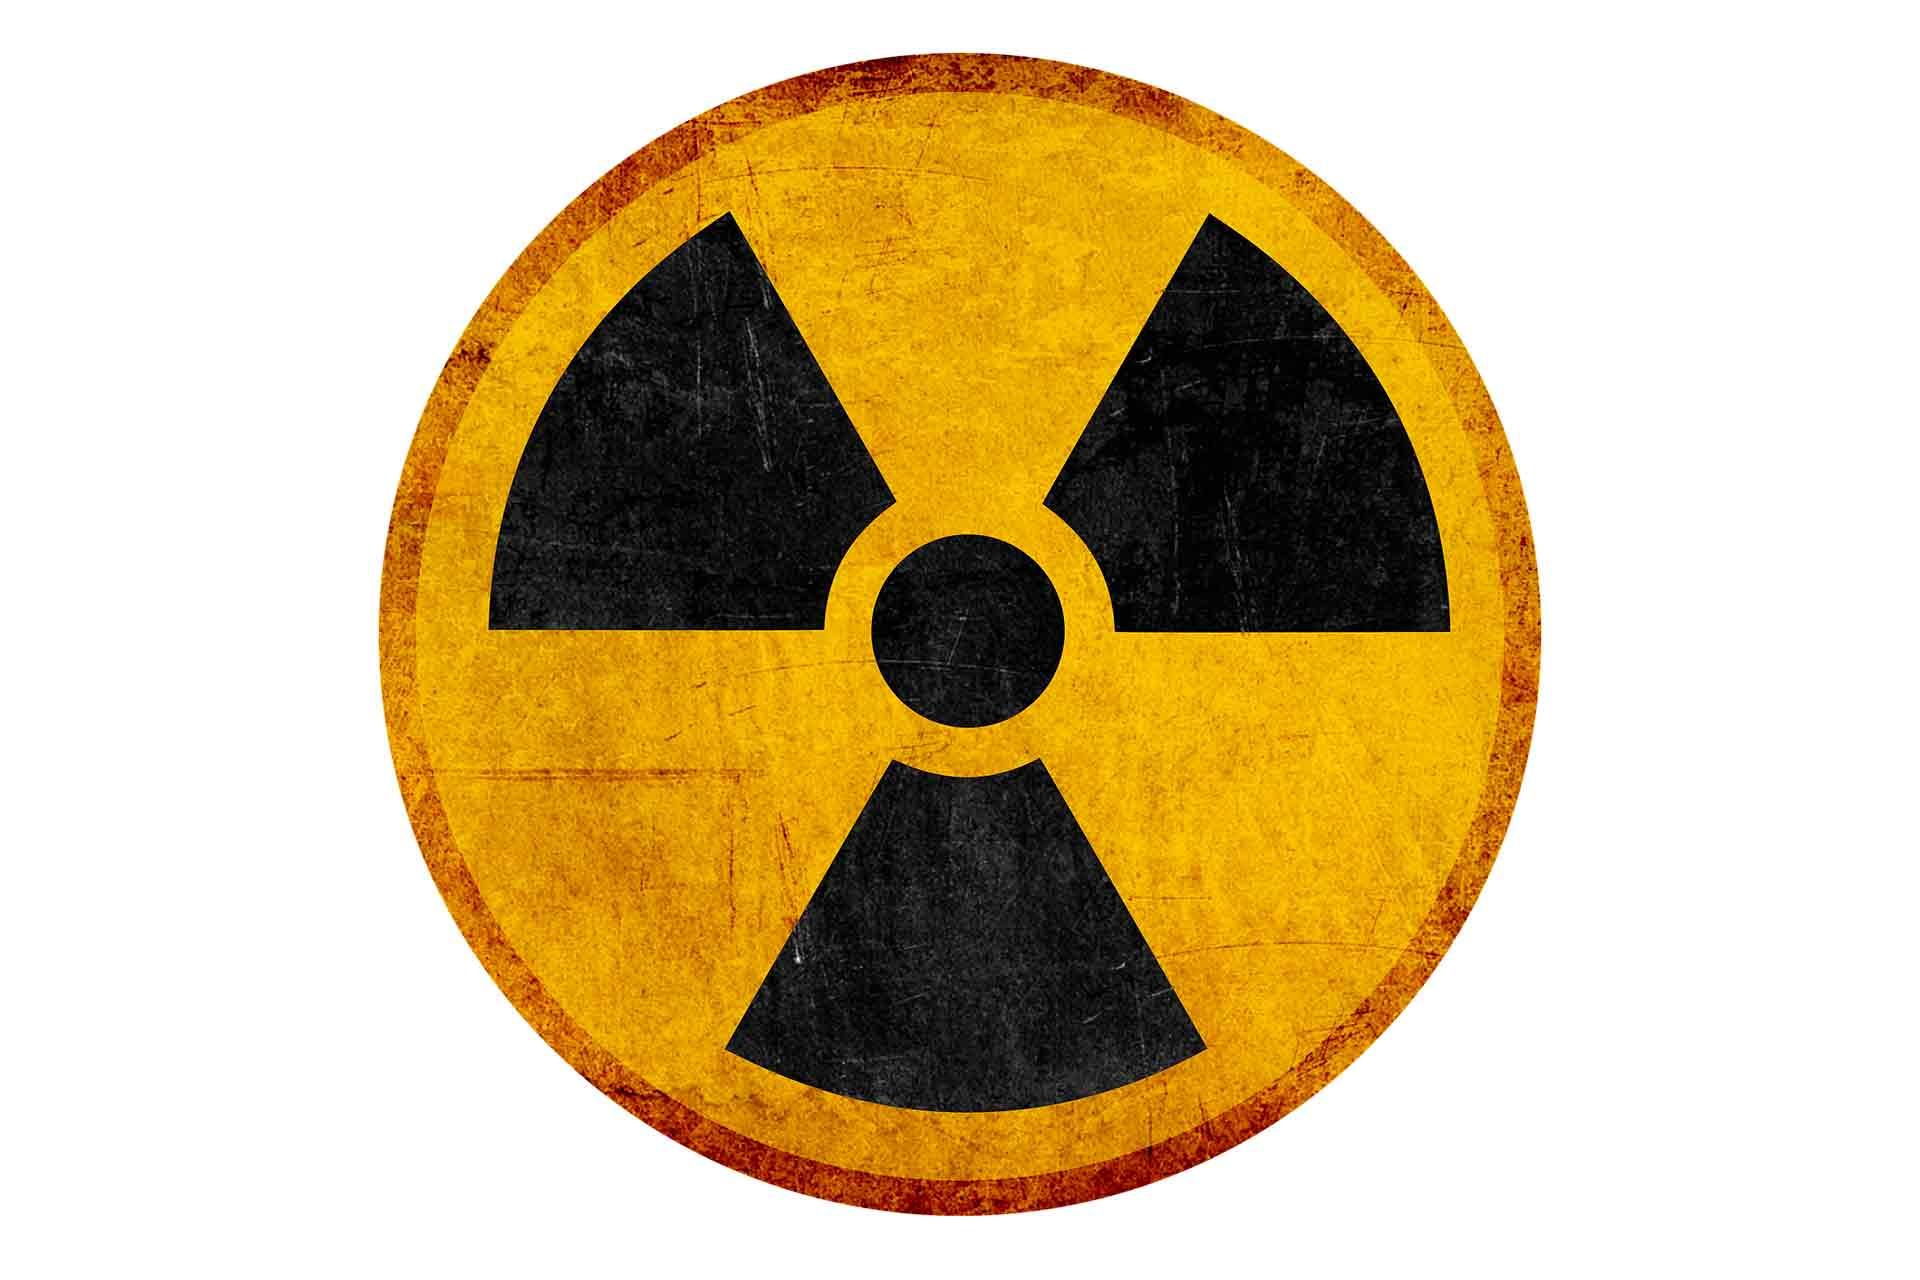 放射線のマーク